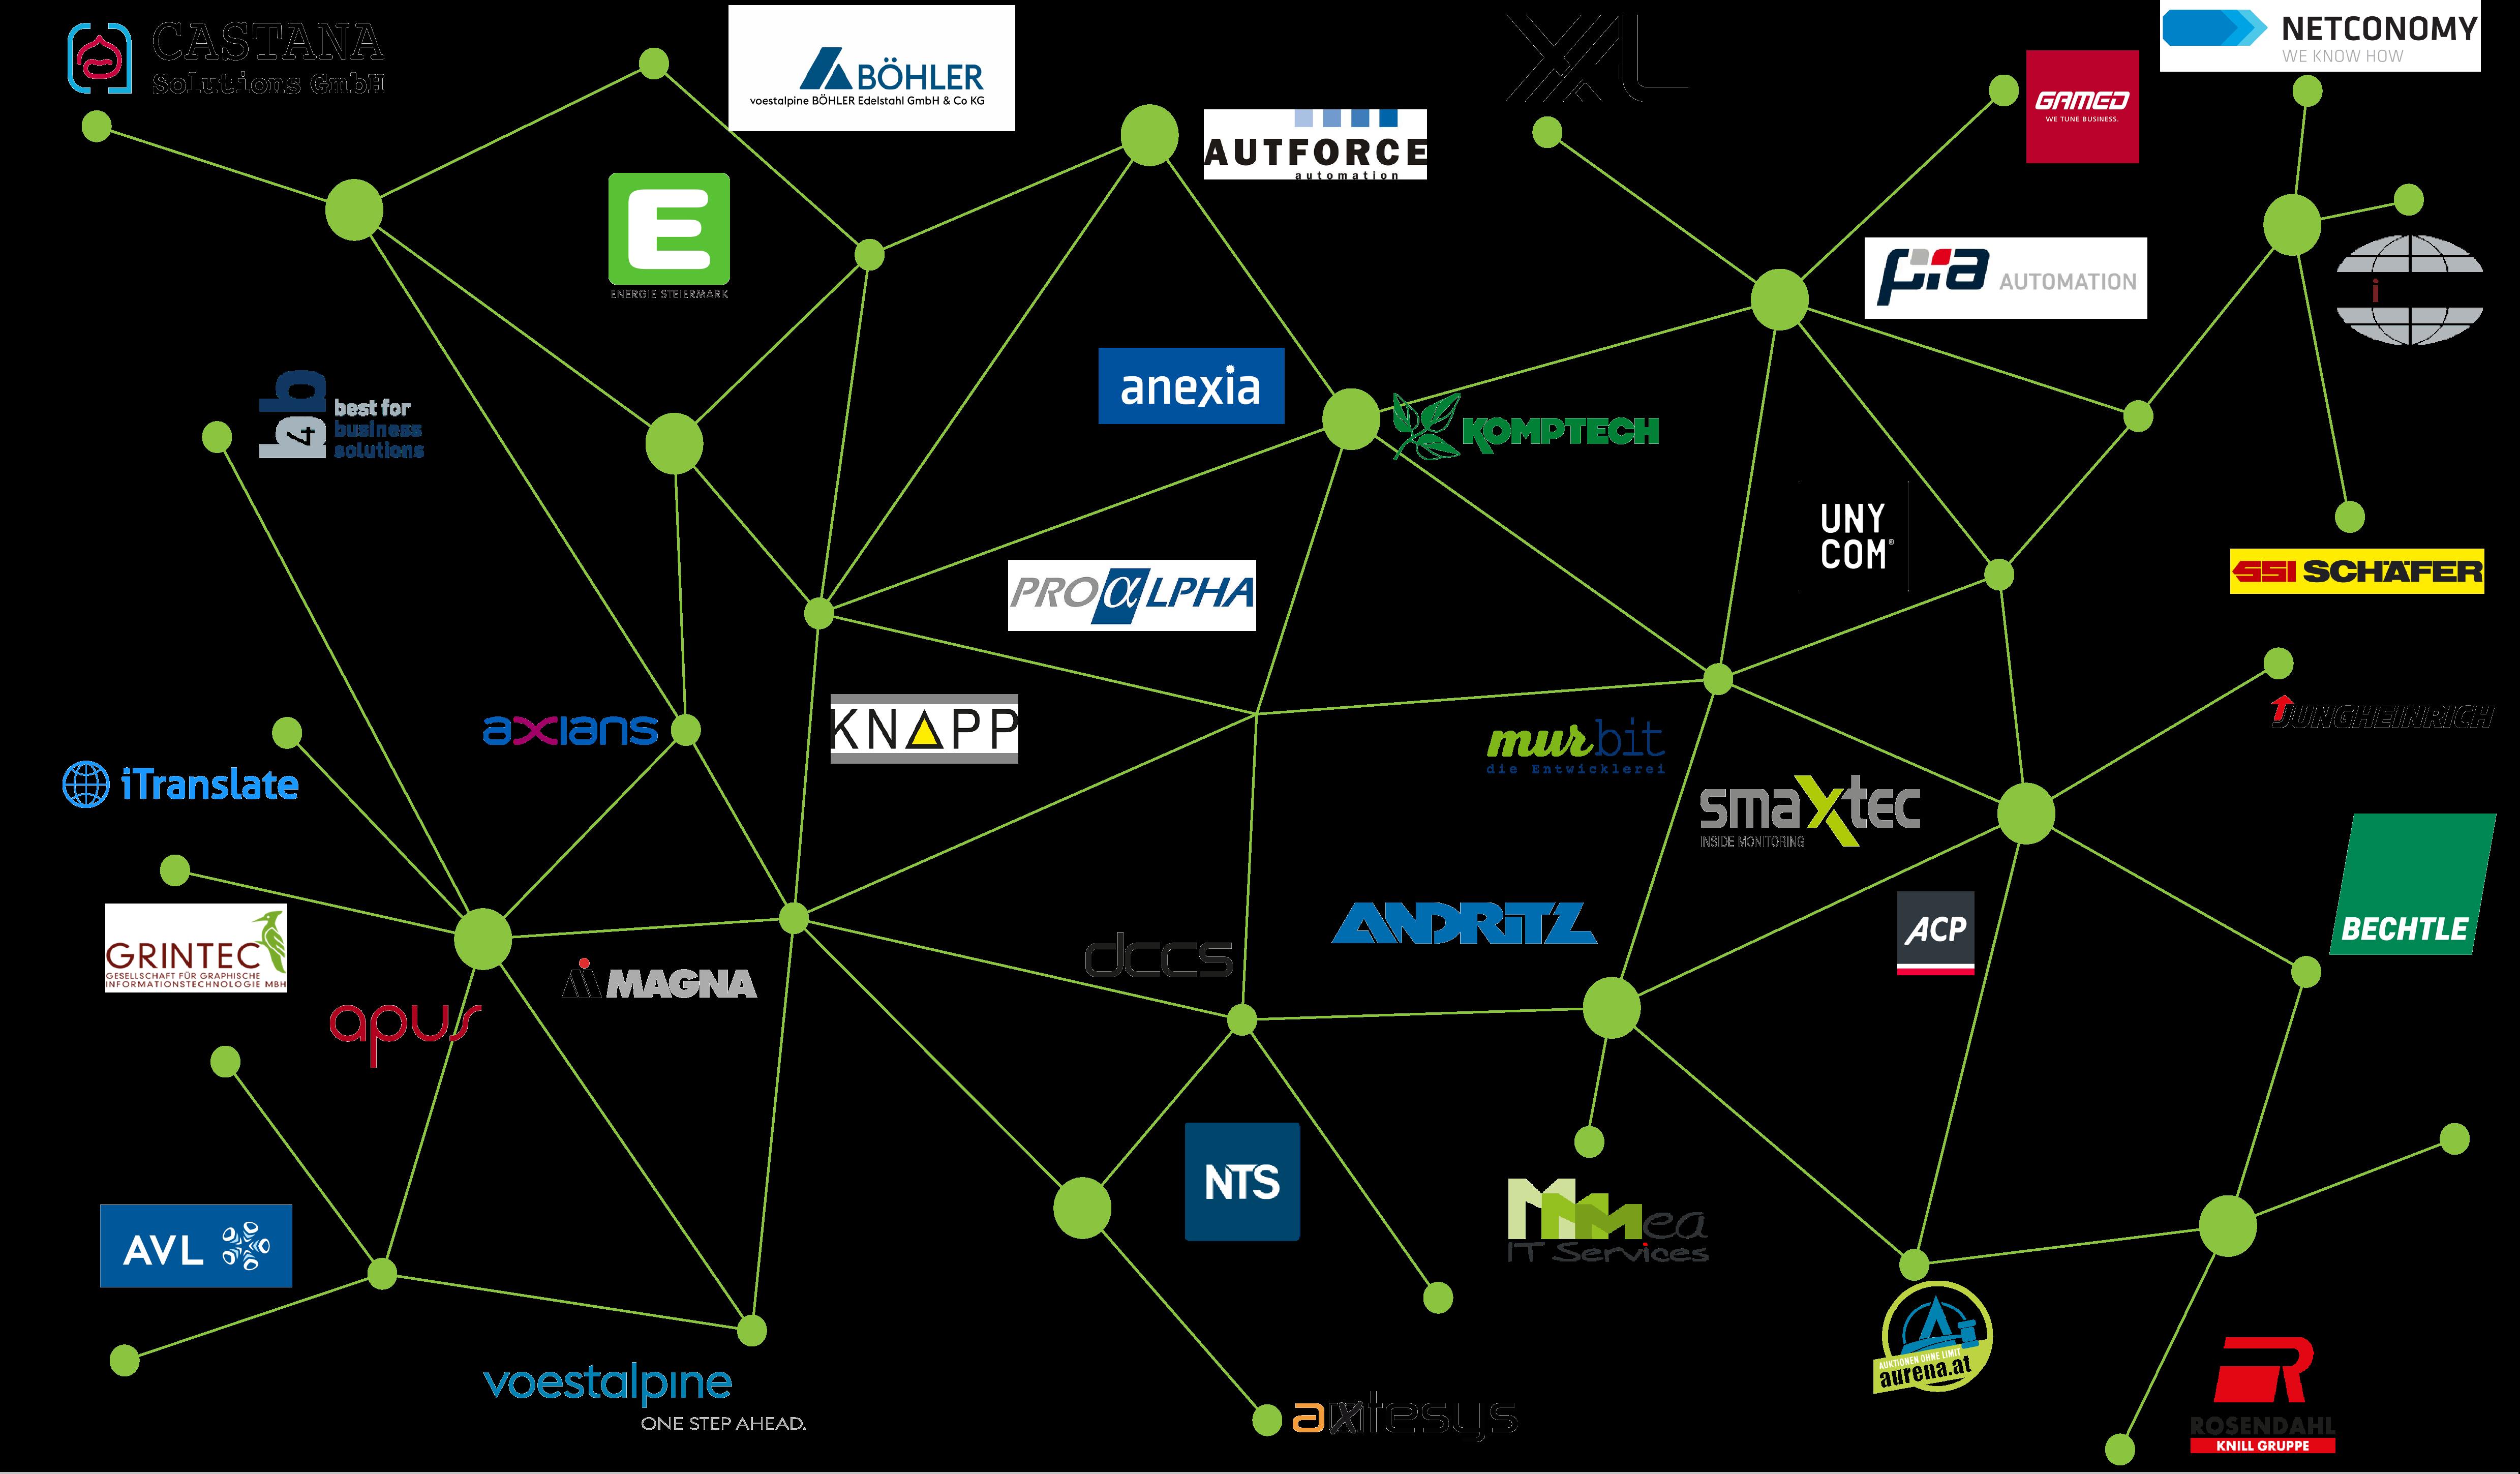 Eine Auswahl an Unternehmen, wo Studierende bereits ein Praktikum absolvierten.